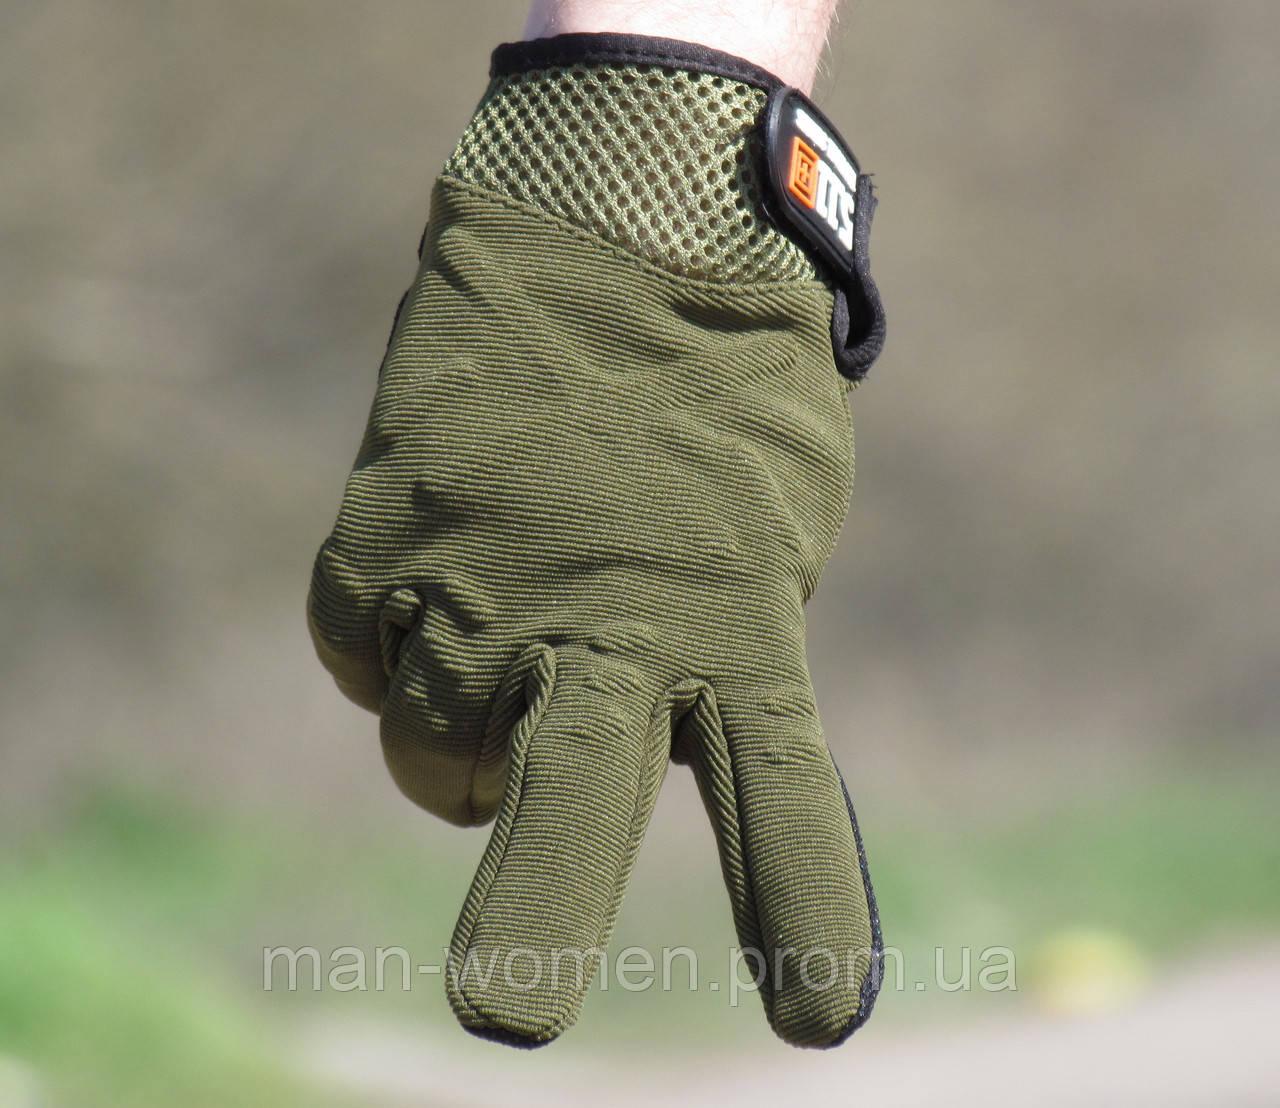 Перчатки тактические 5.11 (tactical series). Олива